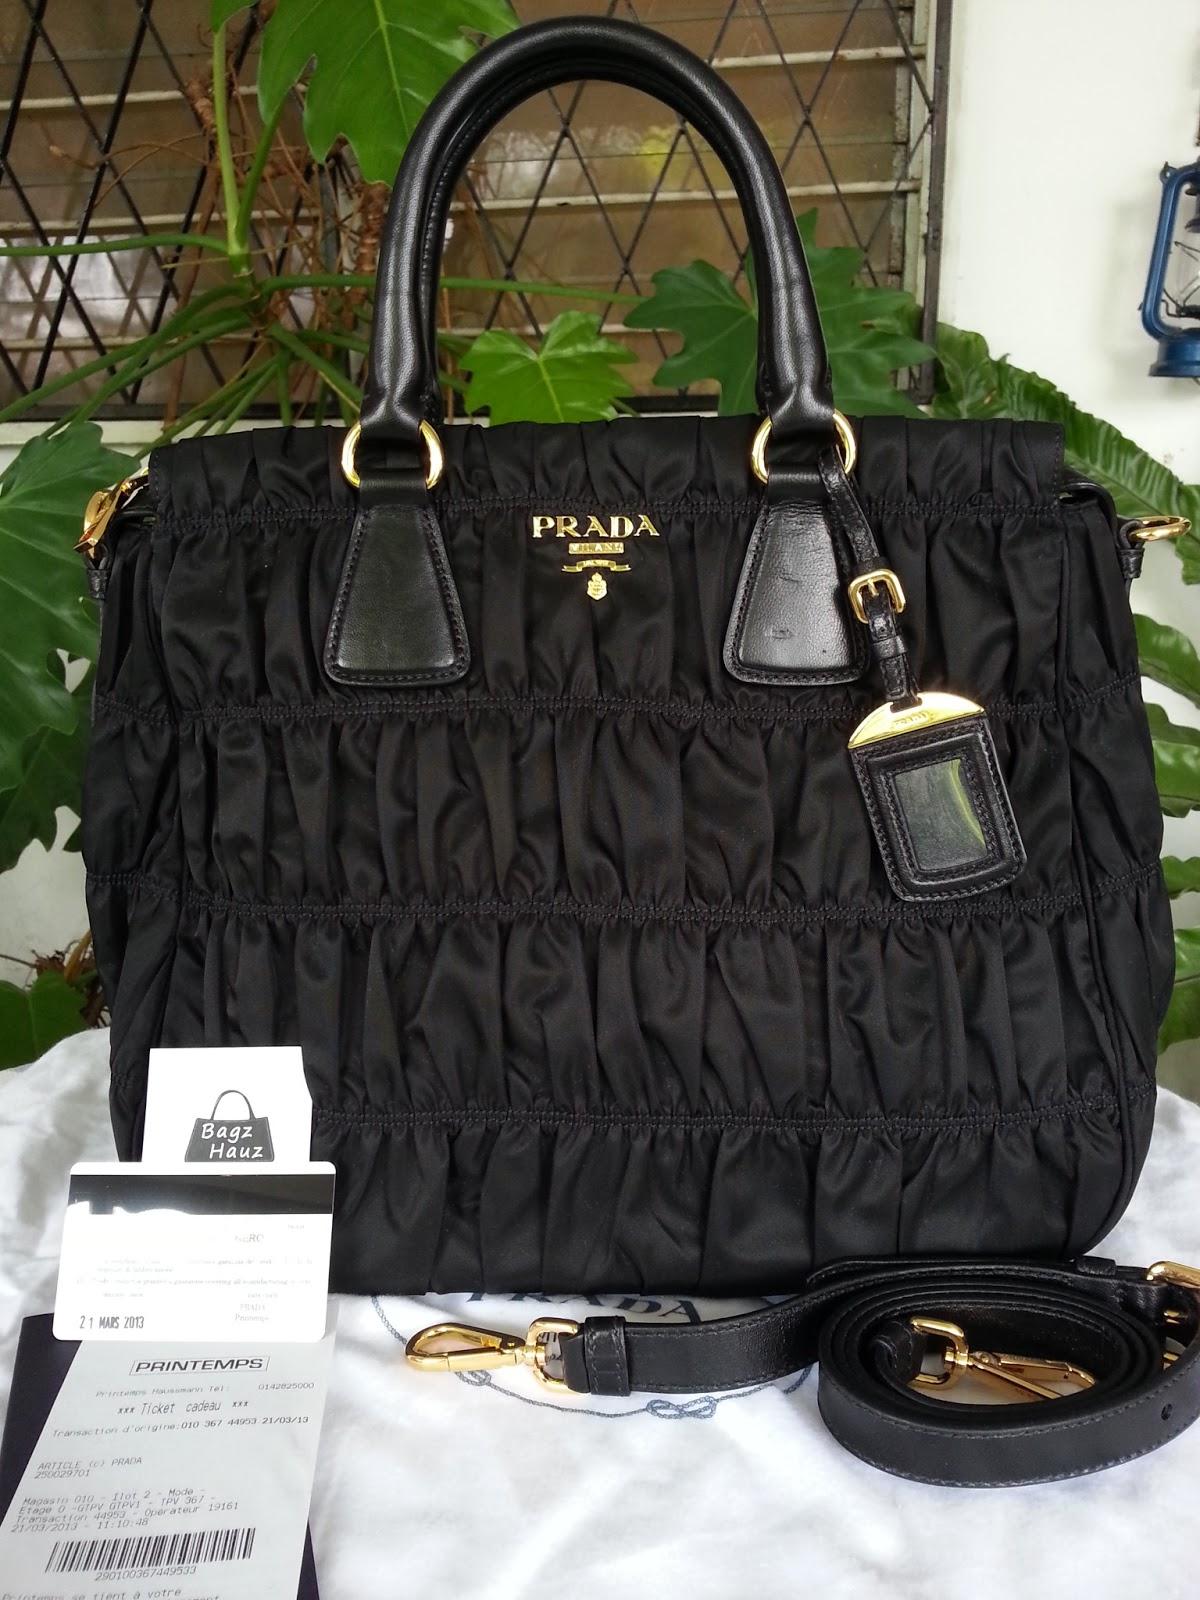 f8392670098e Bagz Hauz Fashion: **SOLD** - PRADA B1336M Nylon Gaufre Tote in Nero ...